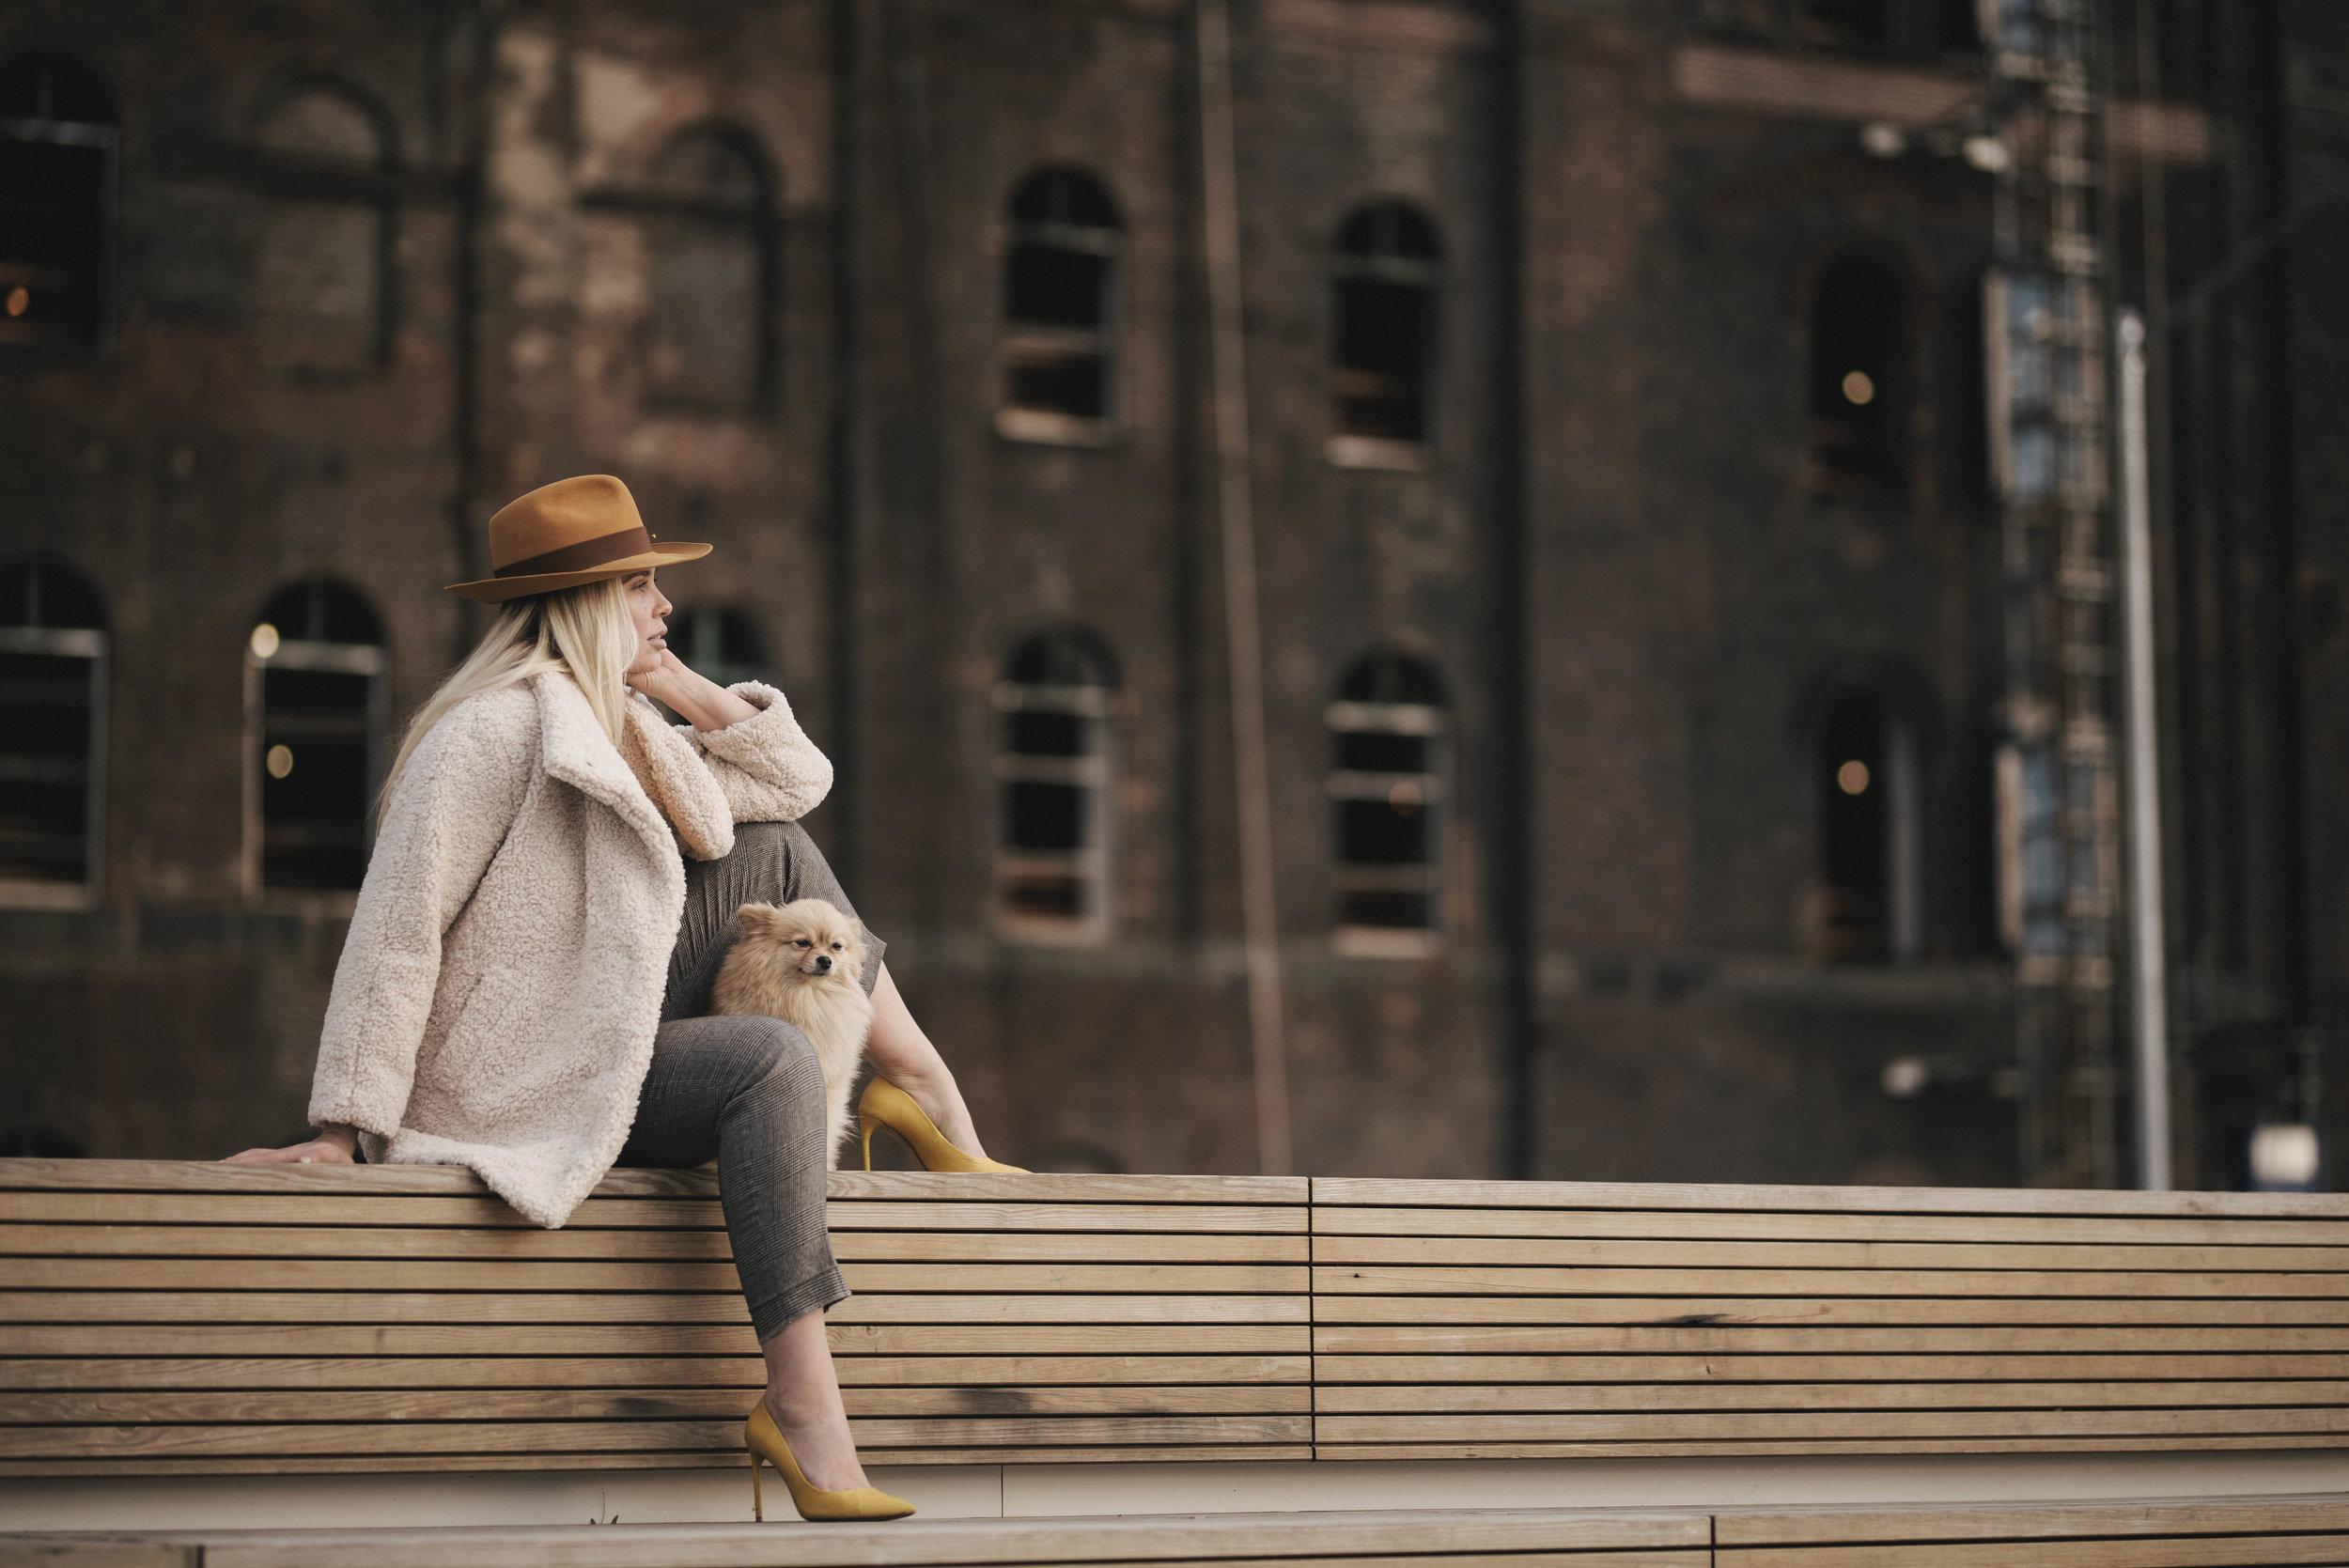 Yulia_NarLifestyle_Photography_7.jpg